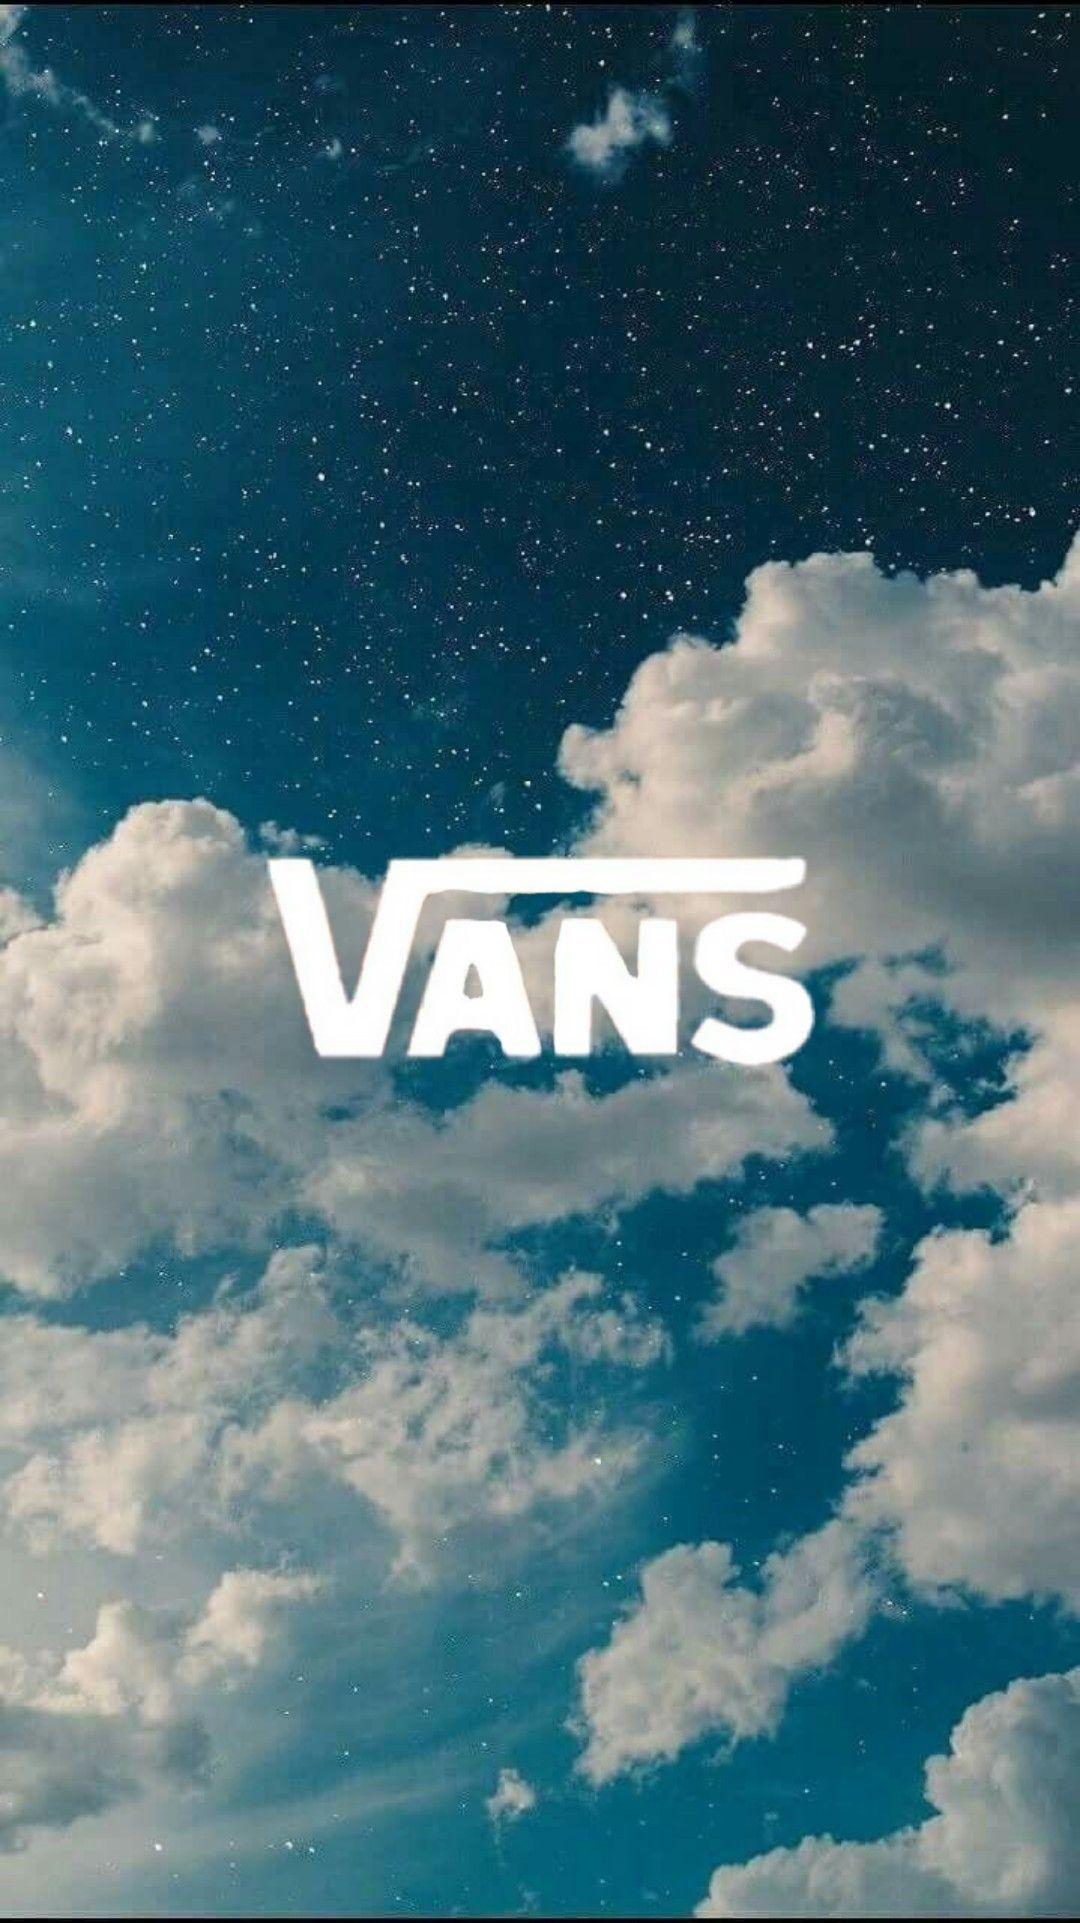 Vans Wallpaper Vans Iphone Wallpaper Vans Cool Vans Wallpapers Pretty Wallpaper Iphone